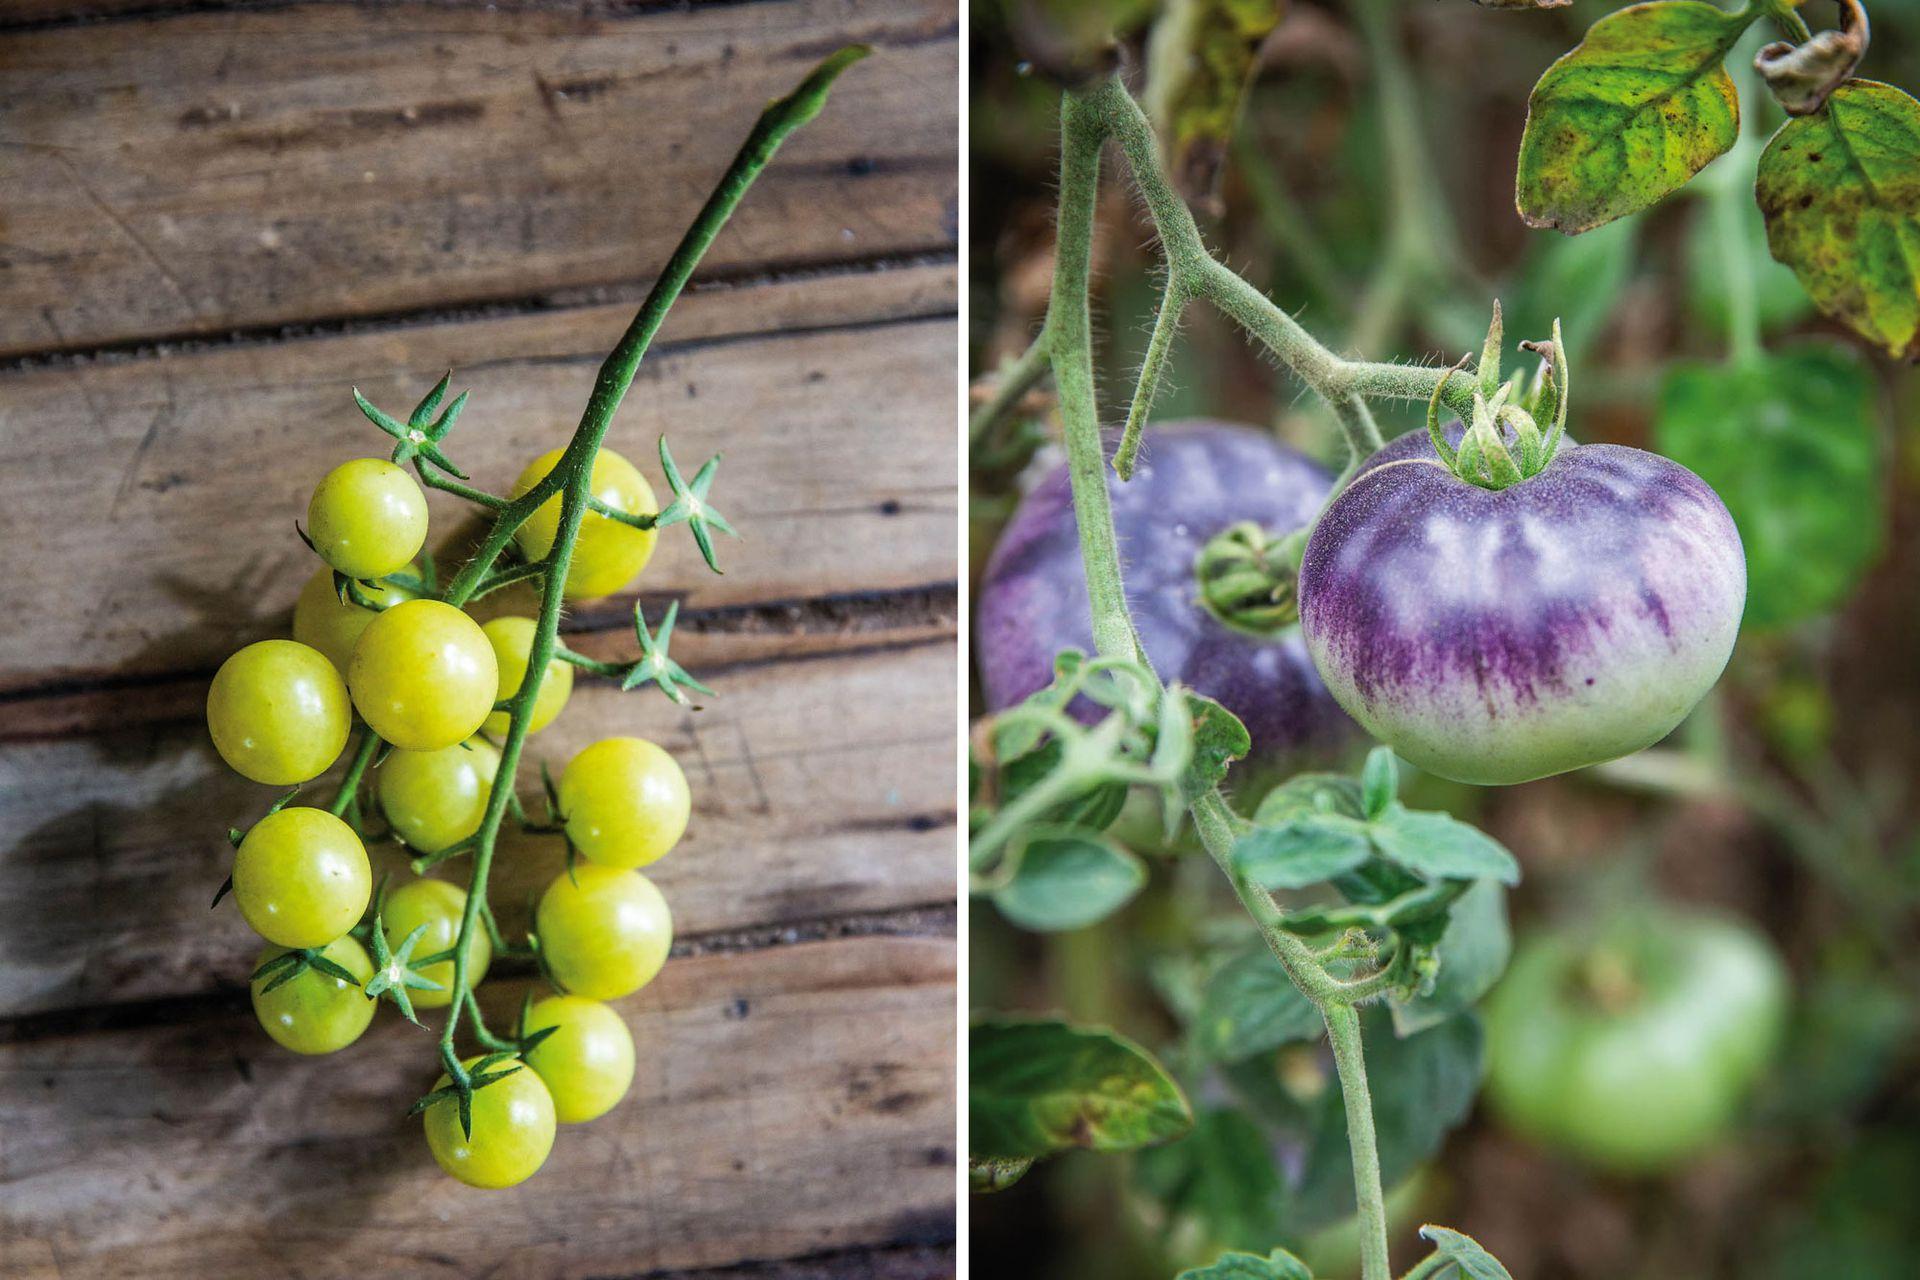 Cherry grosella, dulce y productivo (izquierda). Tomate Negro de Crimea. Esta variedad pasa por este color oscuro para luego virar al rojo al madurar (derecha).